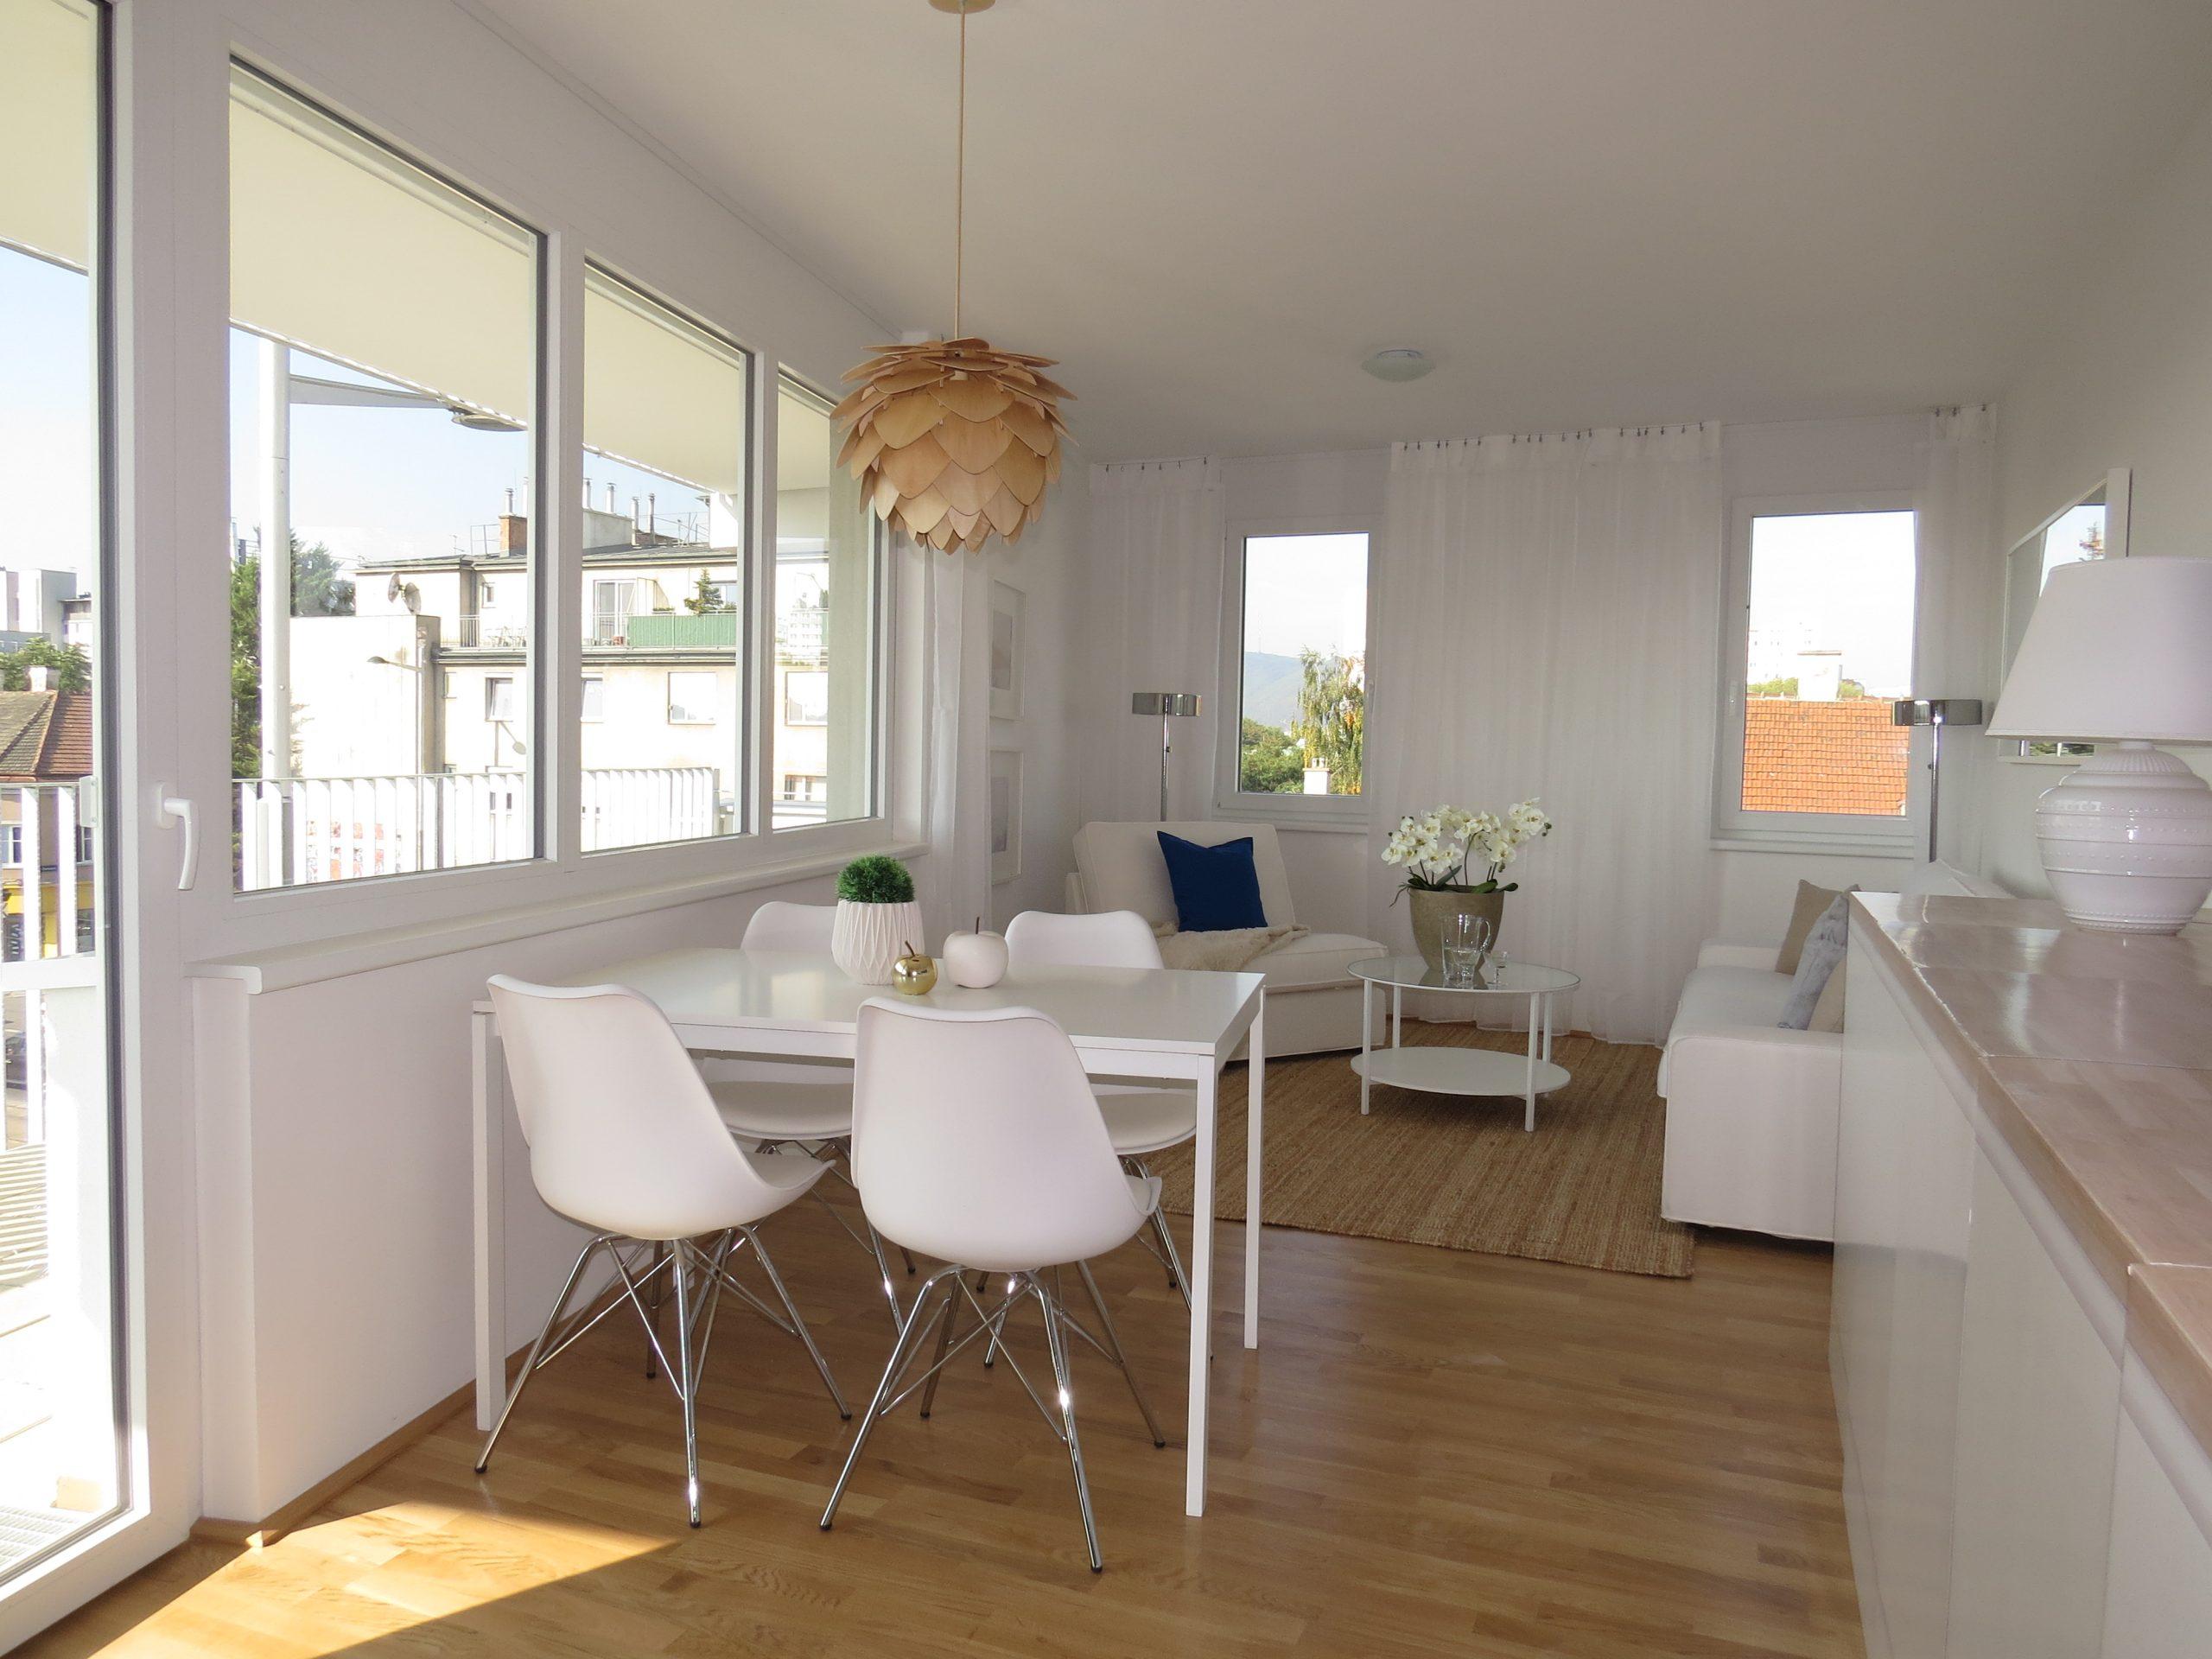 Provisionsfrei: Anlagewohnung-Erstbezug: 1220 Wien, nahe UNO-City, 3 Zimmer-Wohnung mit Balkon